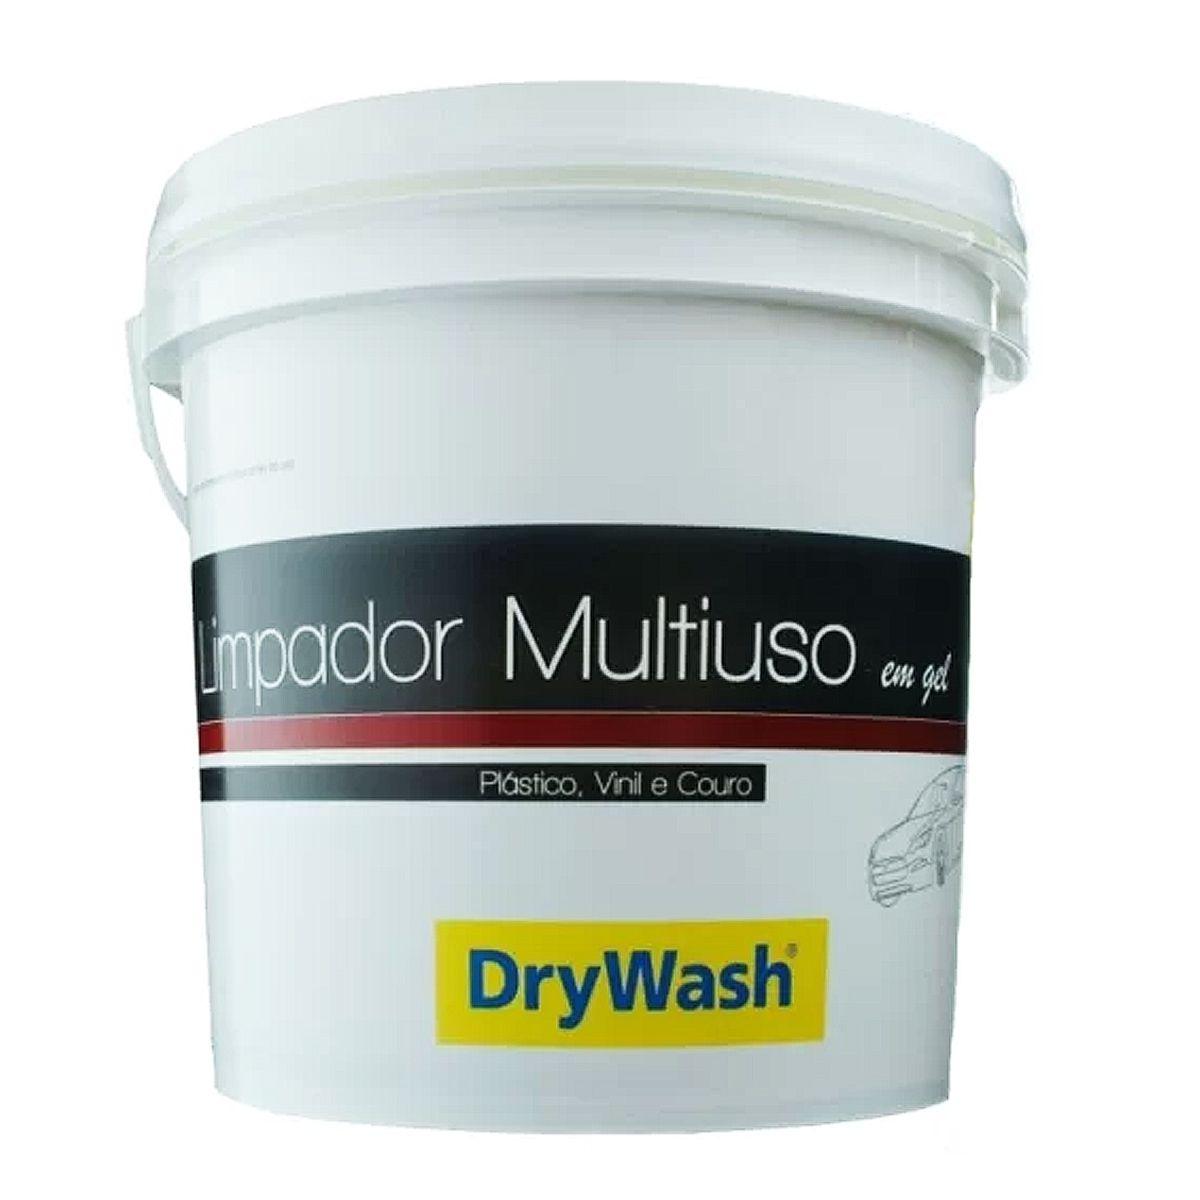 Limpador Multi Uso Gel Drywash 3 Kg